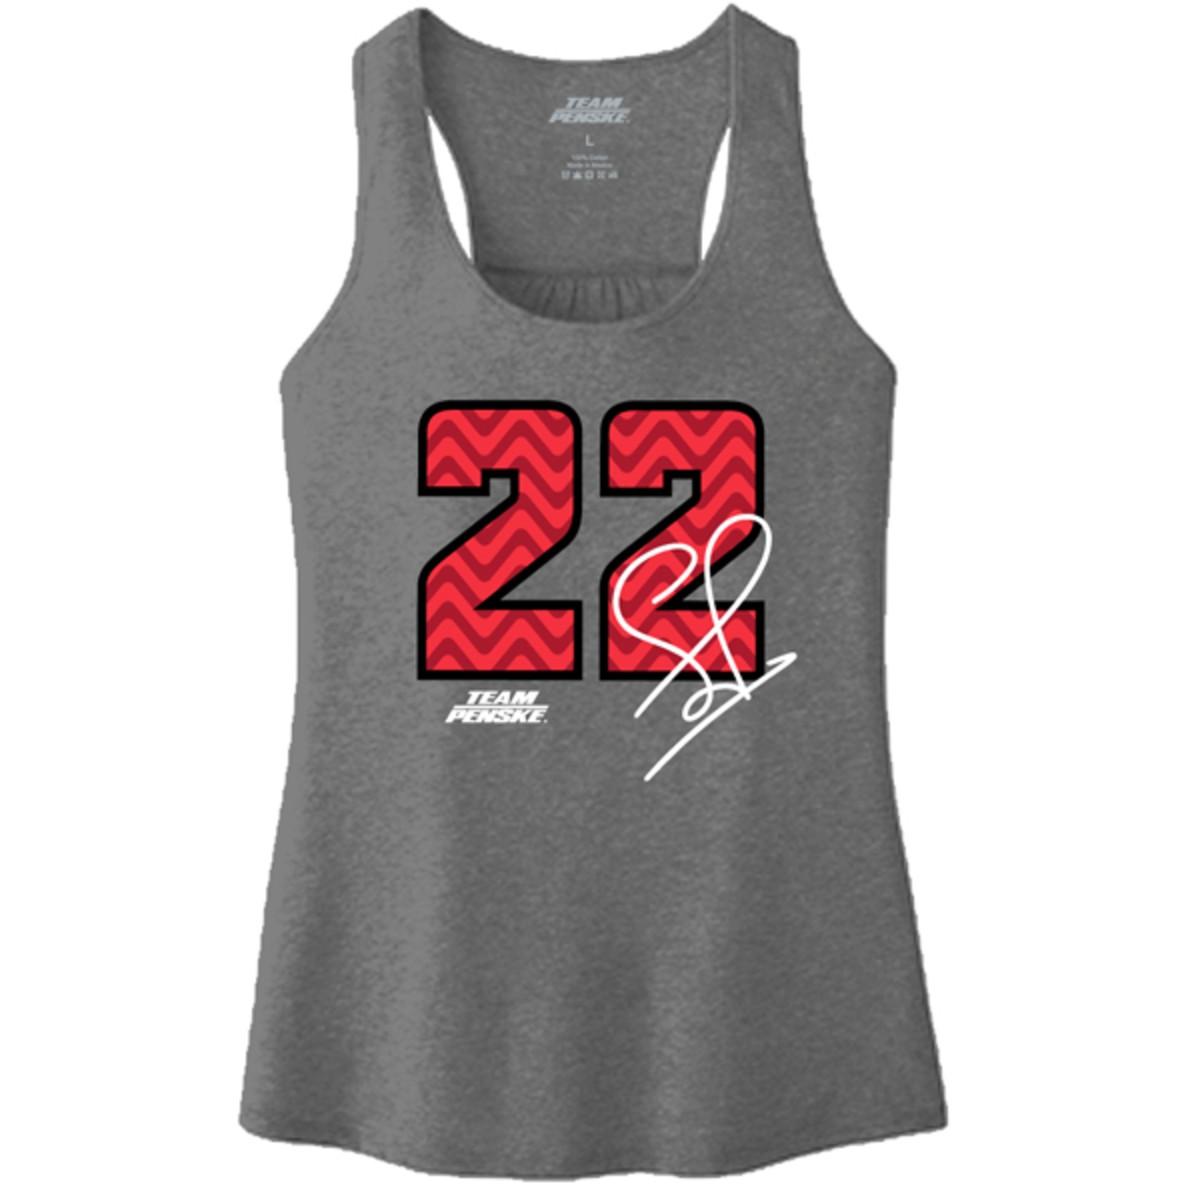 #22 Frost Signature Ladies Tank